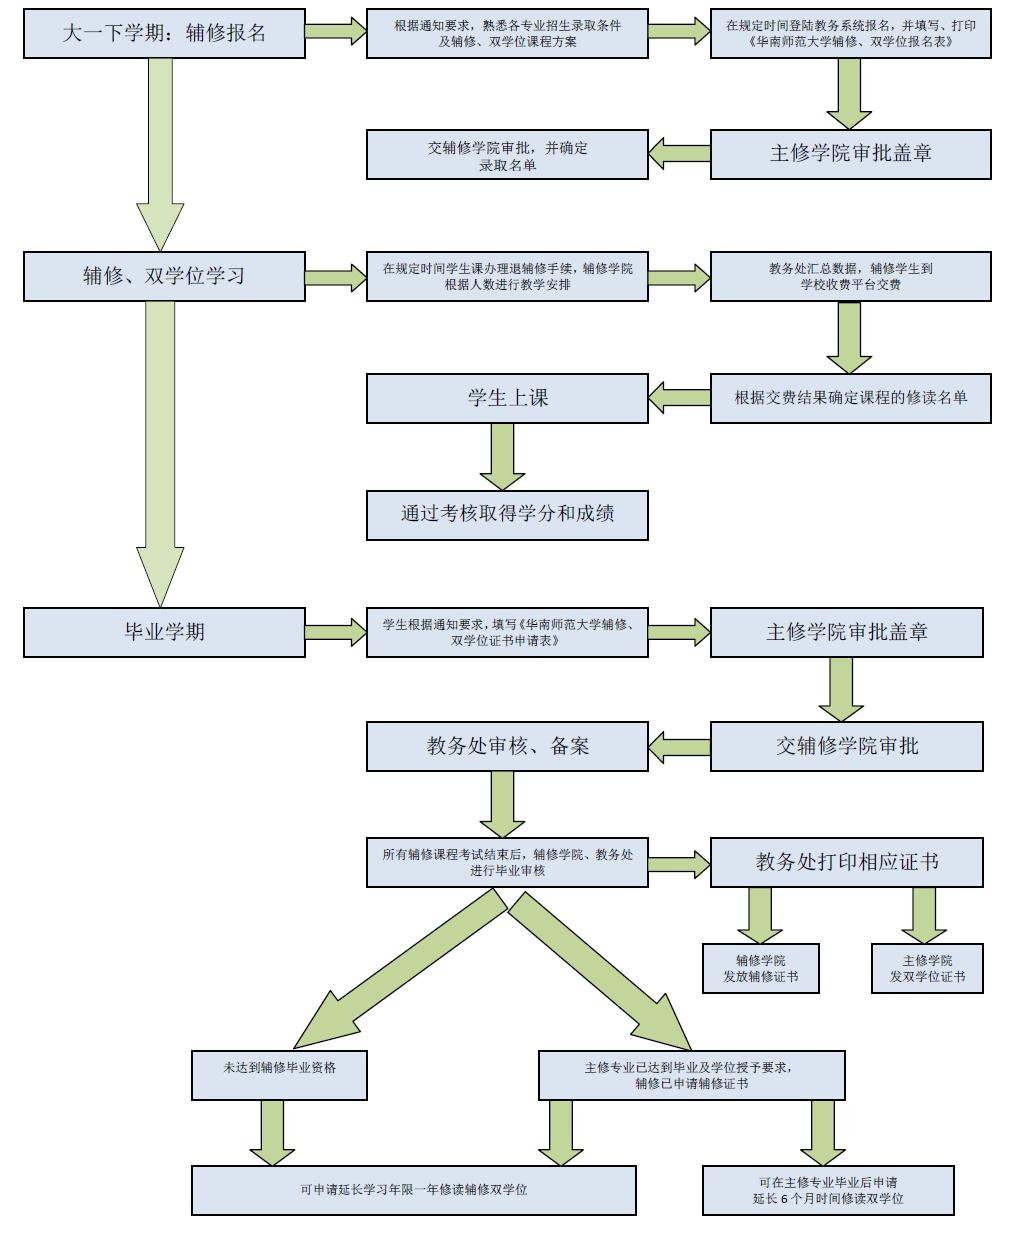 华南师范大学辅修,双学位申请及修读流程